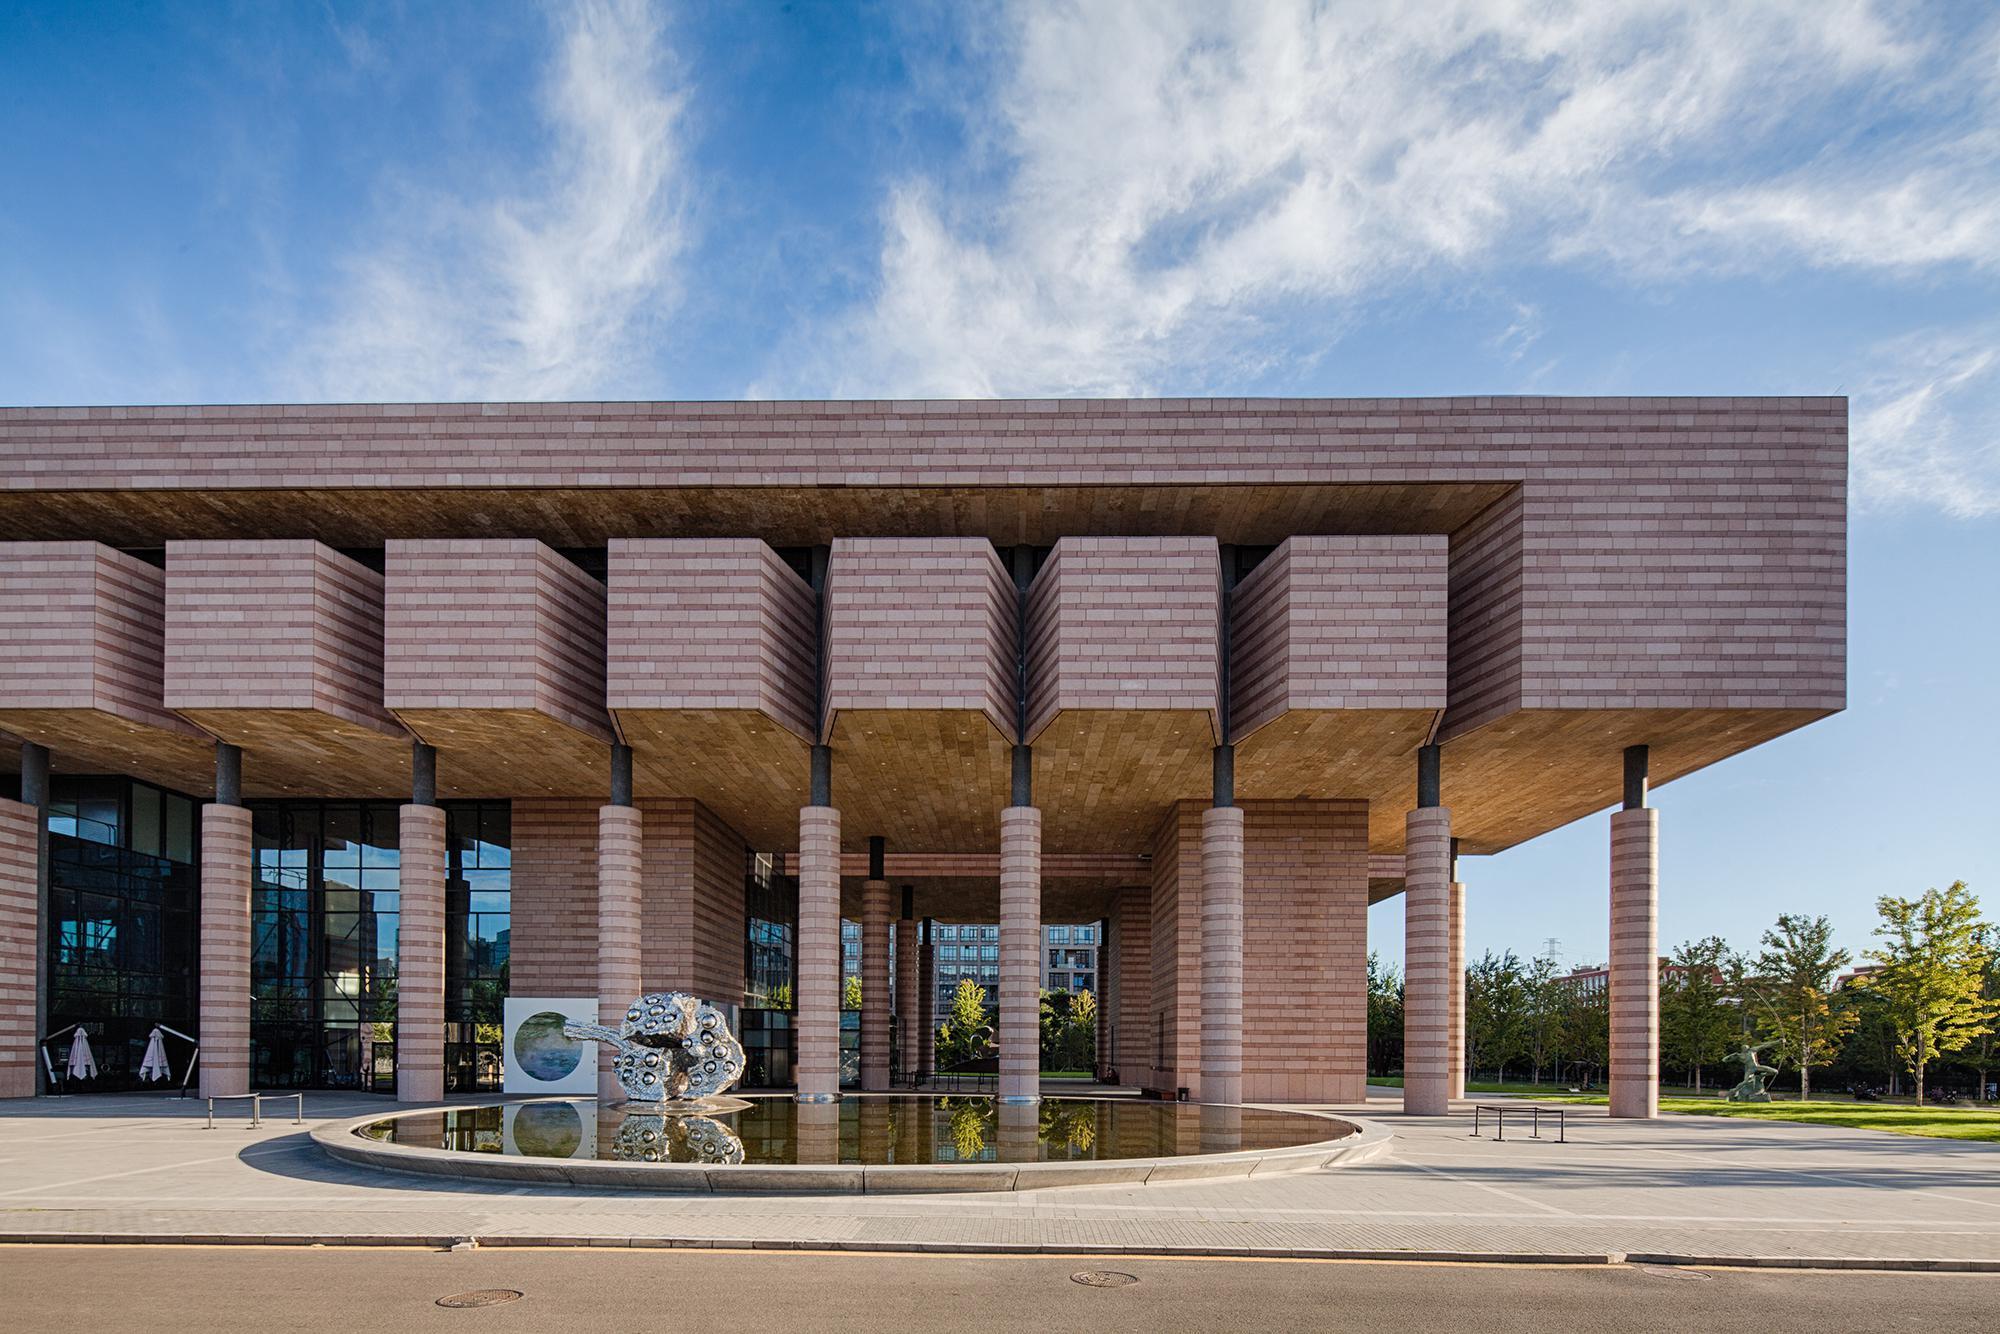 建筑设计院承担建筑设计的清华大学艺术博物馆被评为国家一级博物馆